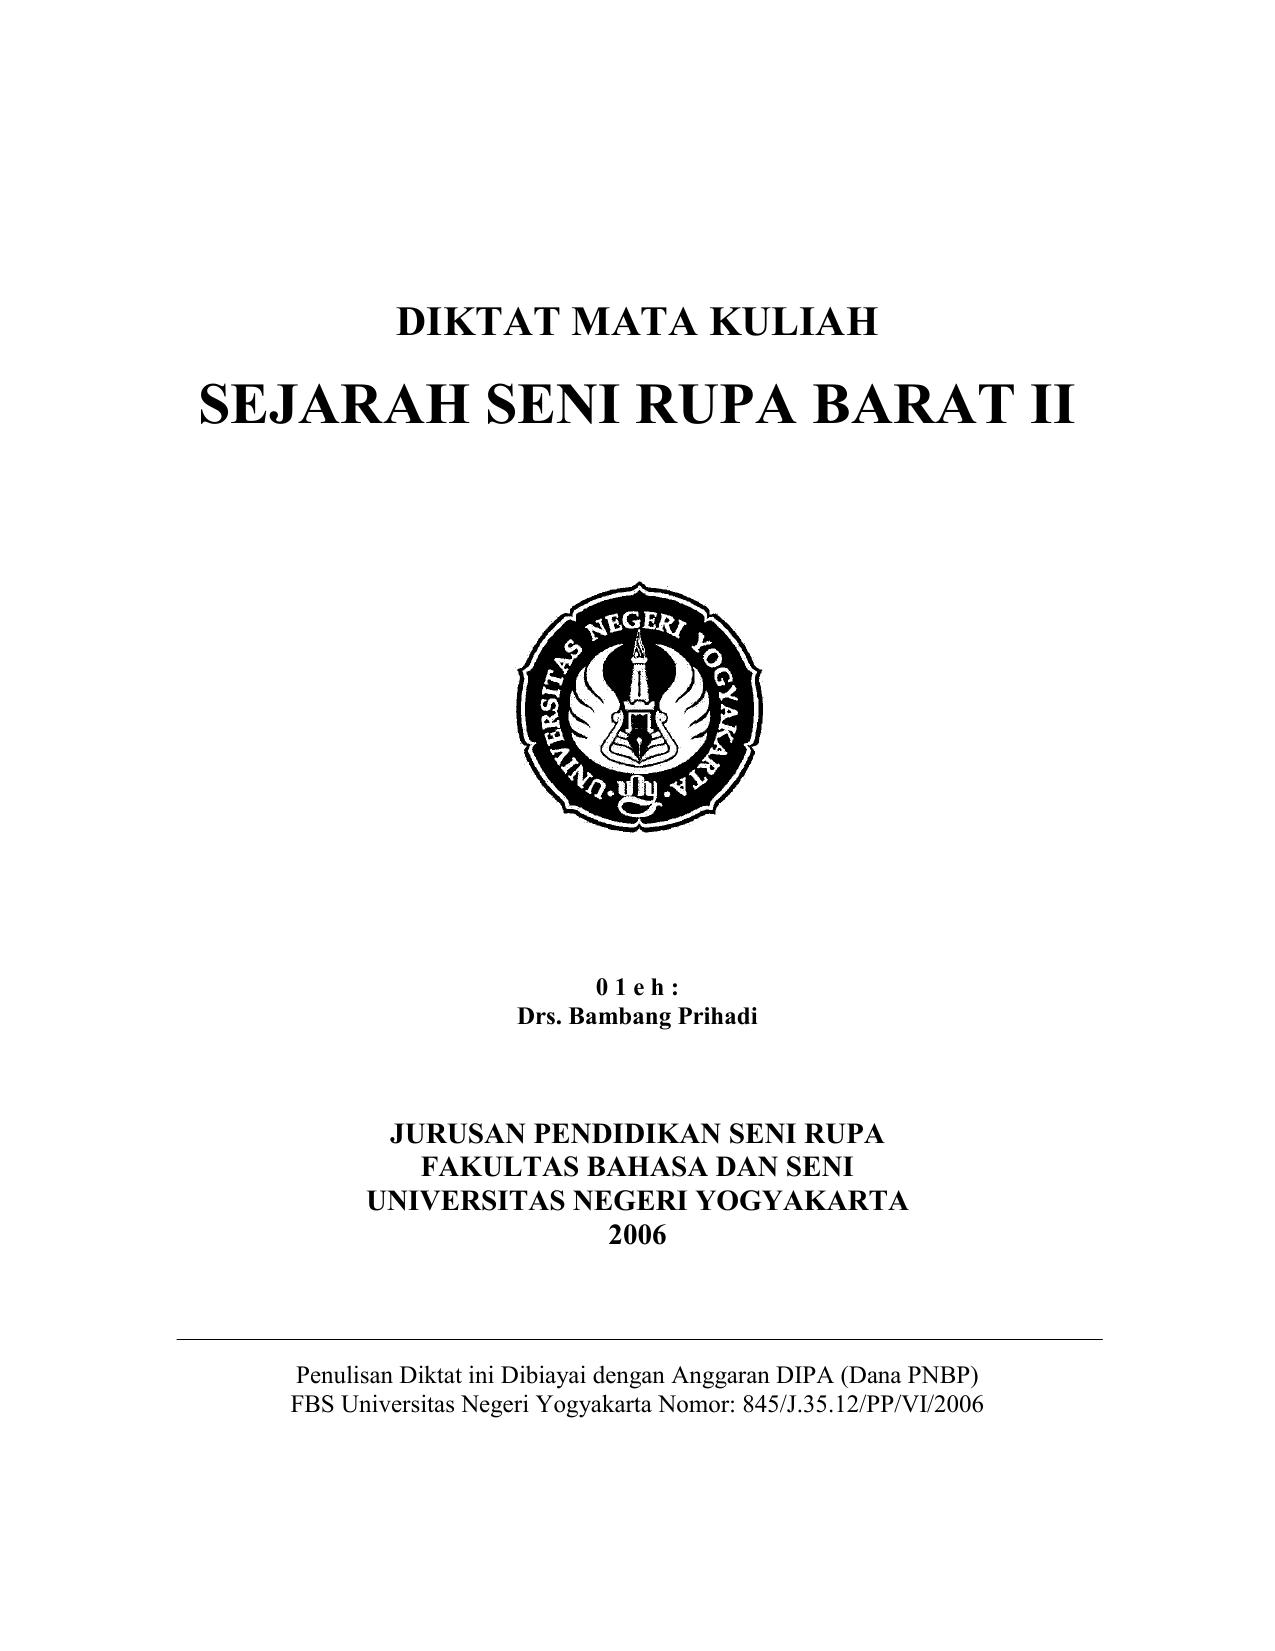 SEJARAH SENI RUPA BARAT II DIKTAT MATA KULIAH